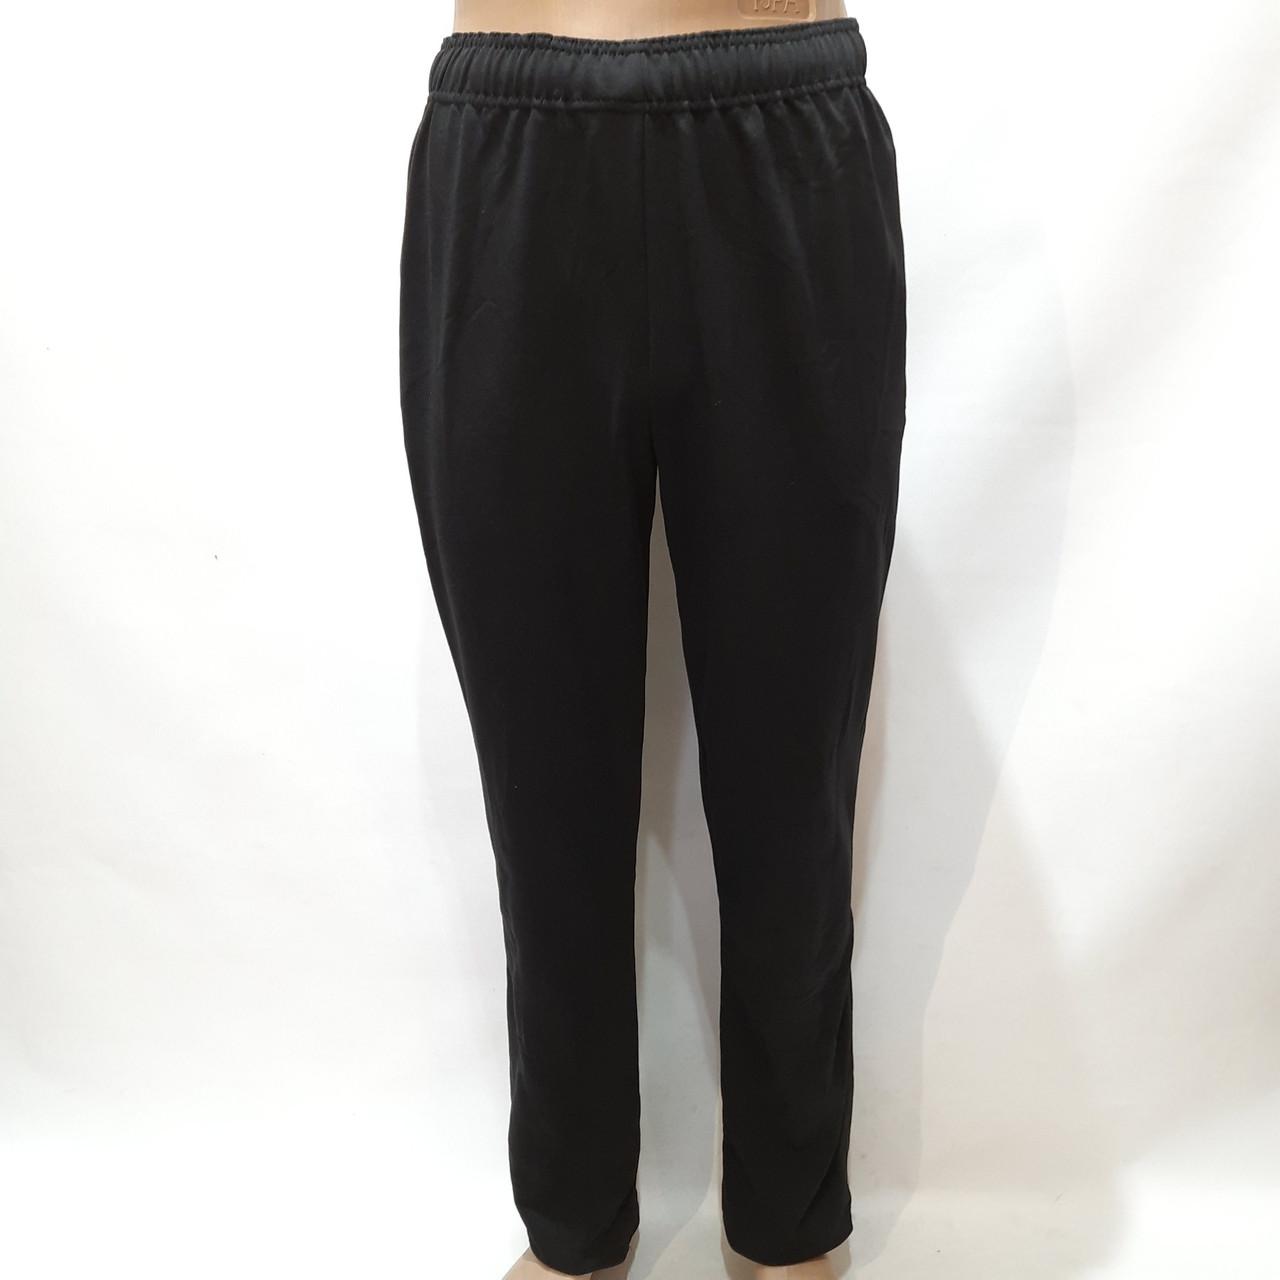 Спортивные штаны мужские прямые (Больших размеров) черные р. 58, 60, 62, 64 отличного качества